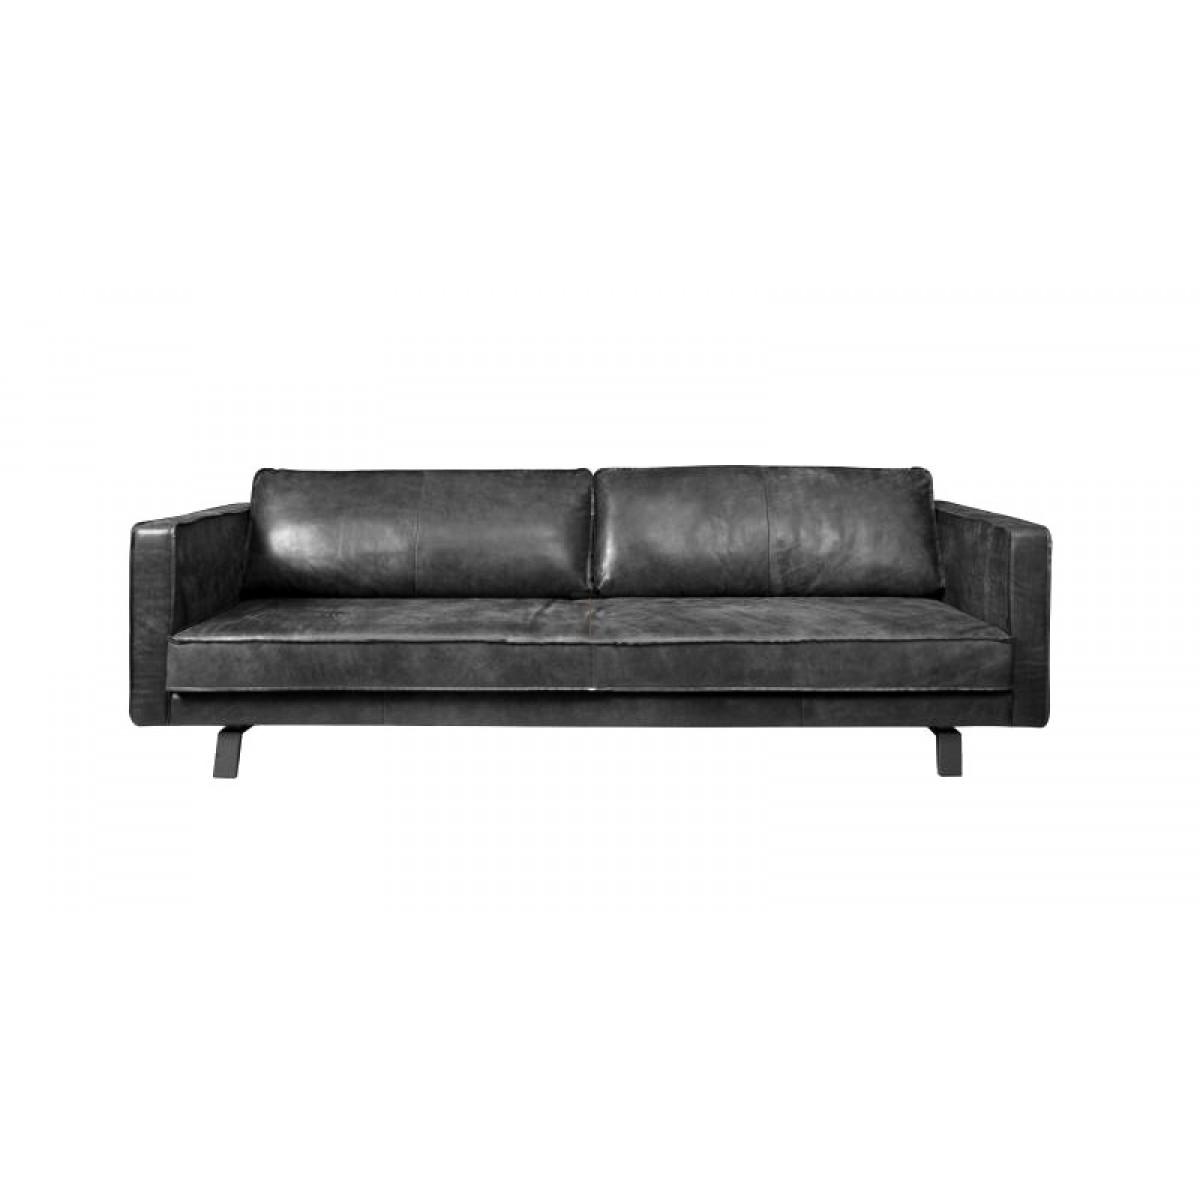 boris-slimm-design-bank-zitkussen-uit-een-stuk-zwart